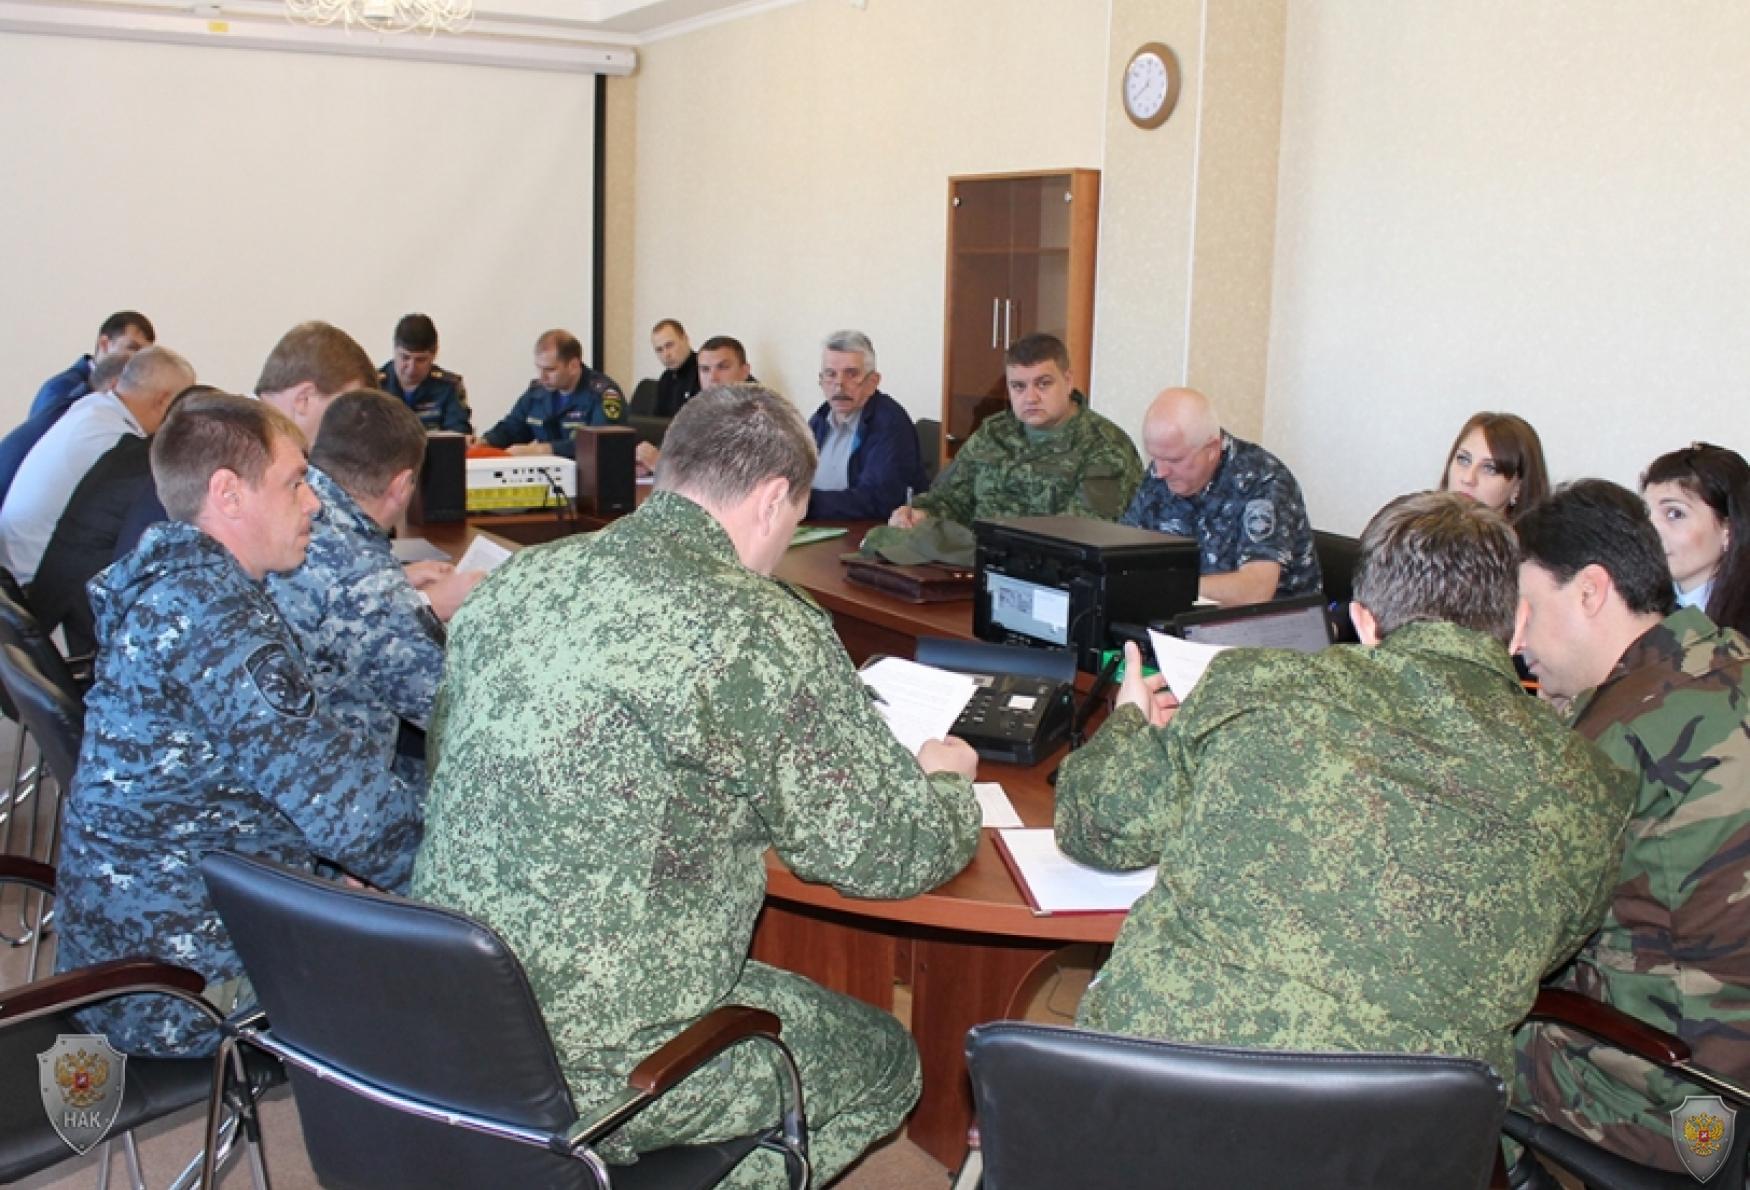 Заседание оперативной группы в муниципальном образовании  г. Ессентуки. Выработка решения на проведение мероприятий